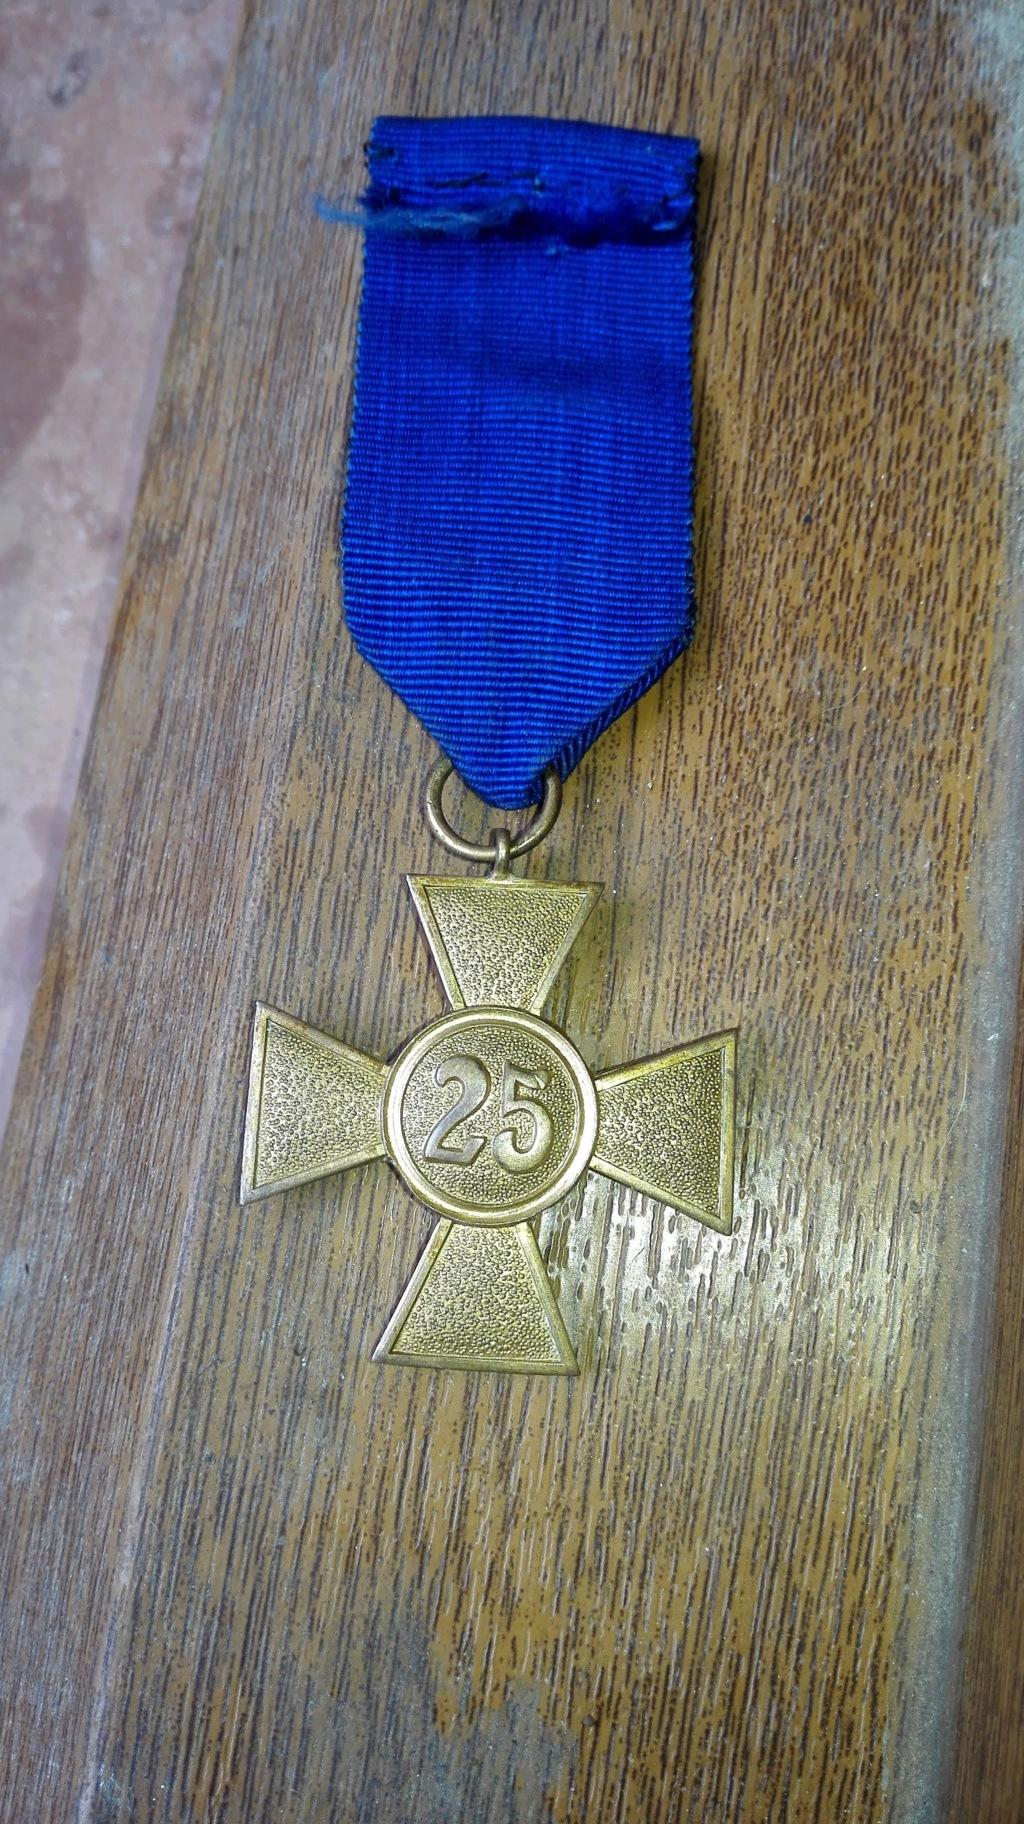 authentification pour cette medaille en vente sur le forum Medail16